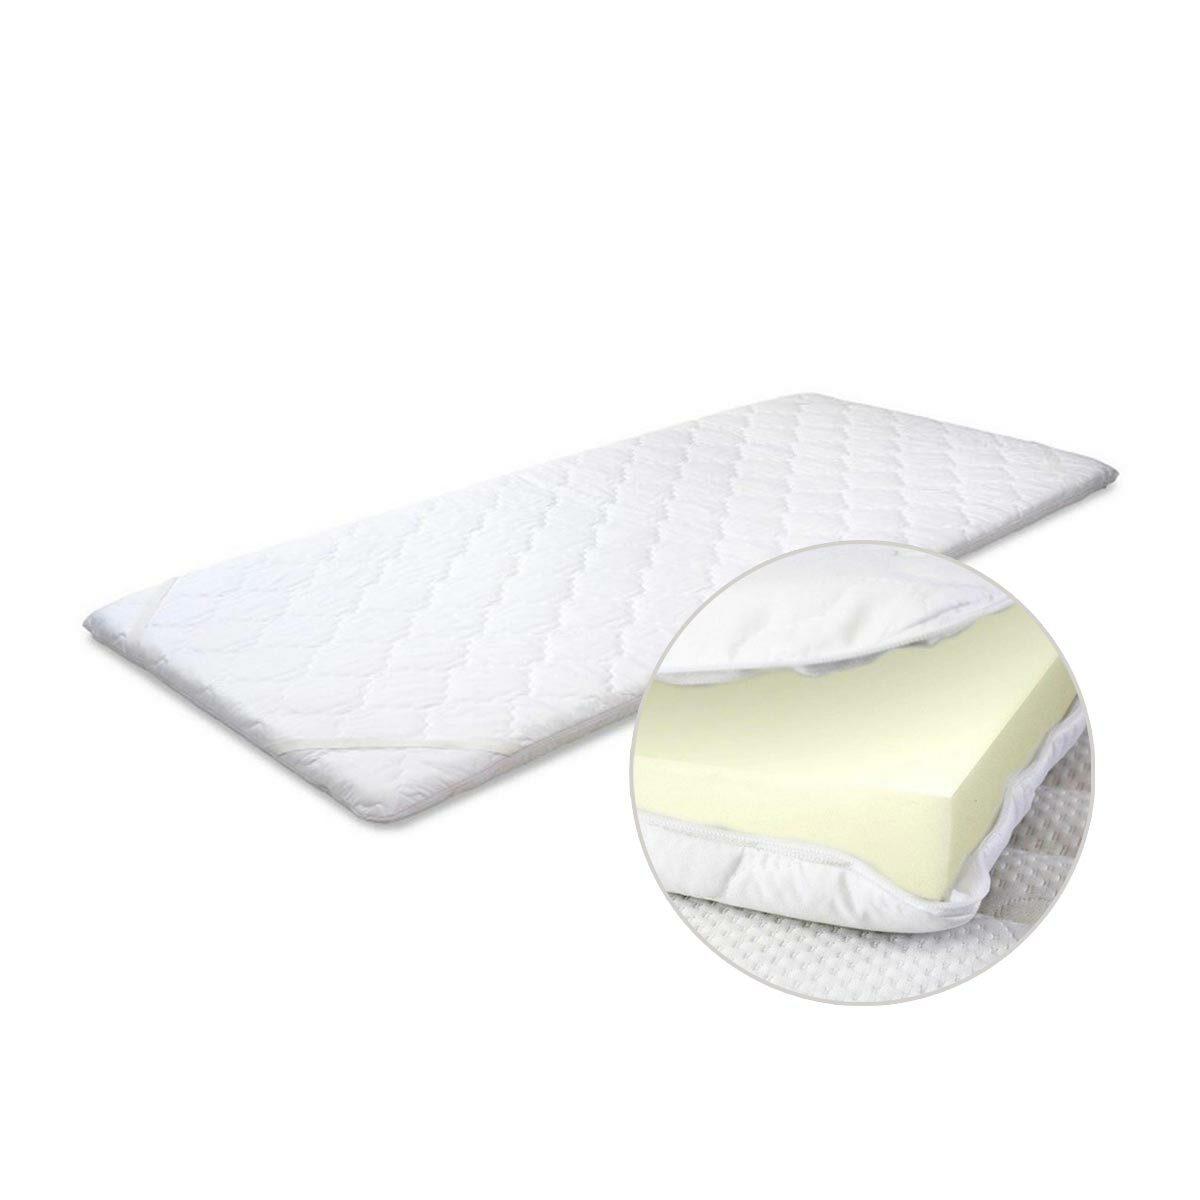 BettwarenShop Schaumstoff Topper Pro Soft